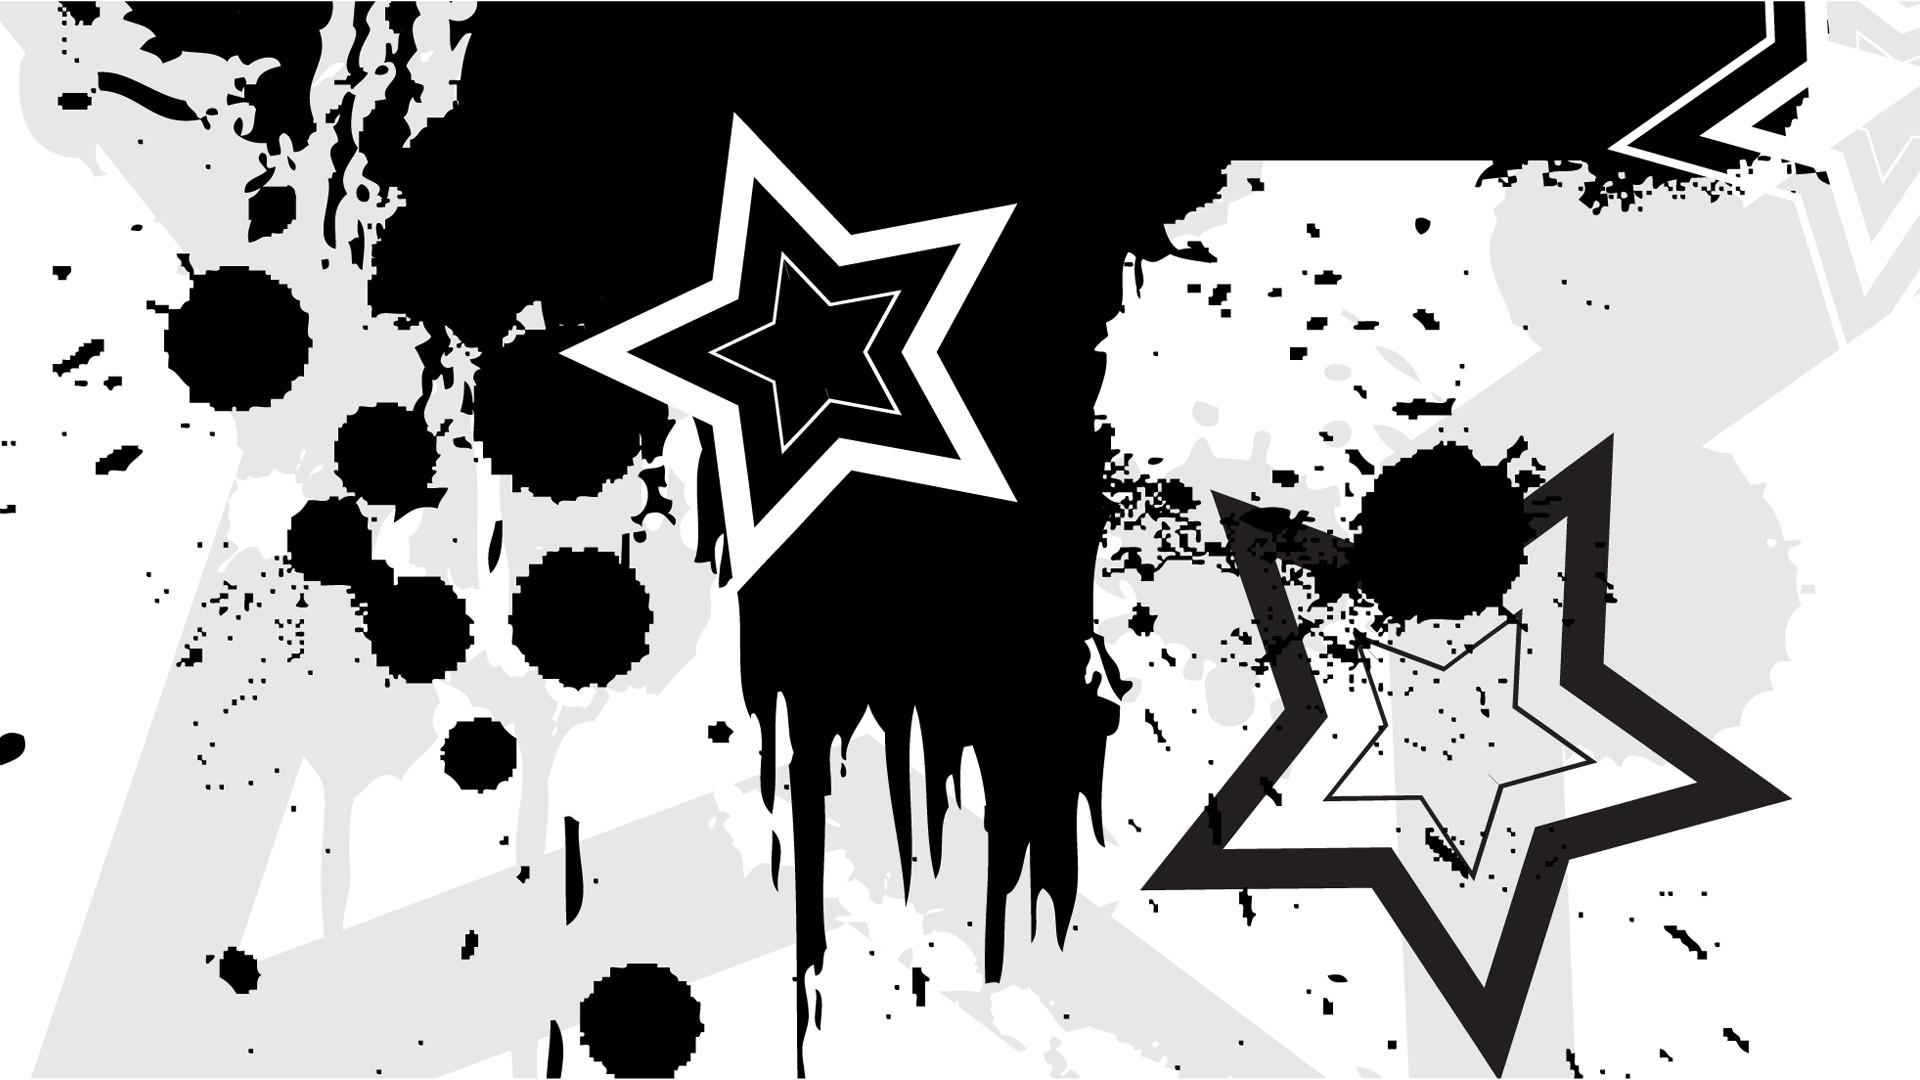 Disegni Geometrici Bianco E Nero sfondi : illustrazione, monocromo, astratto, silhouette